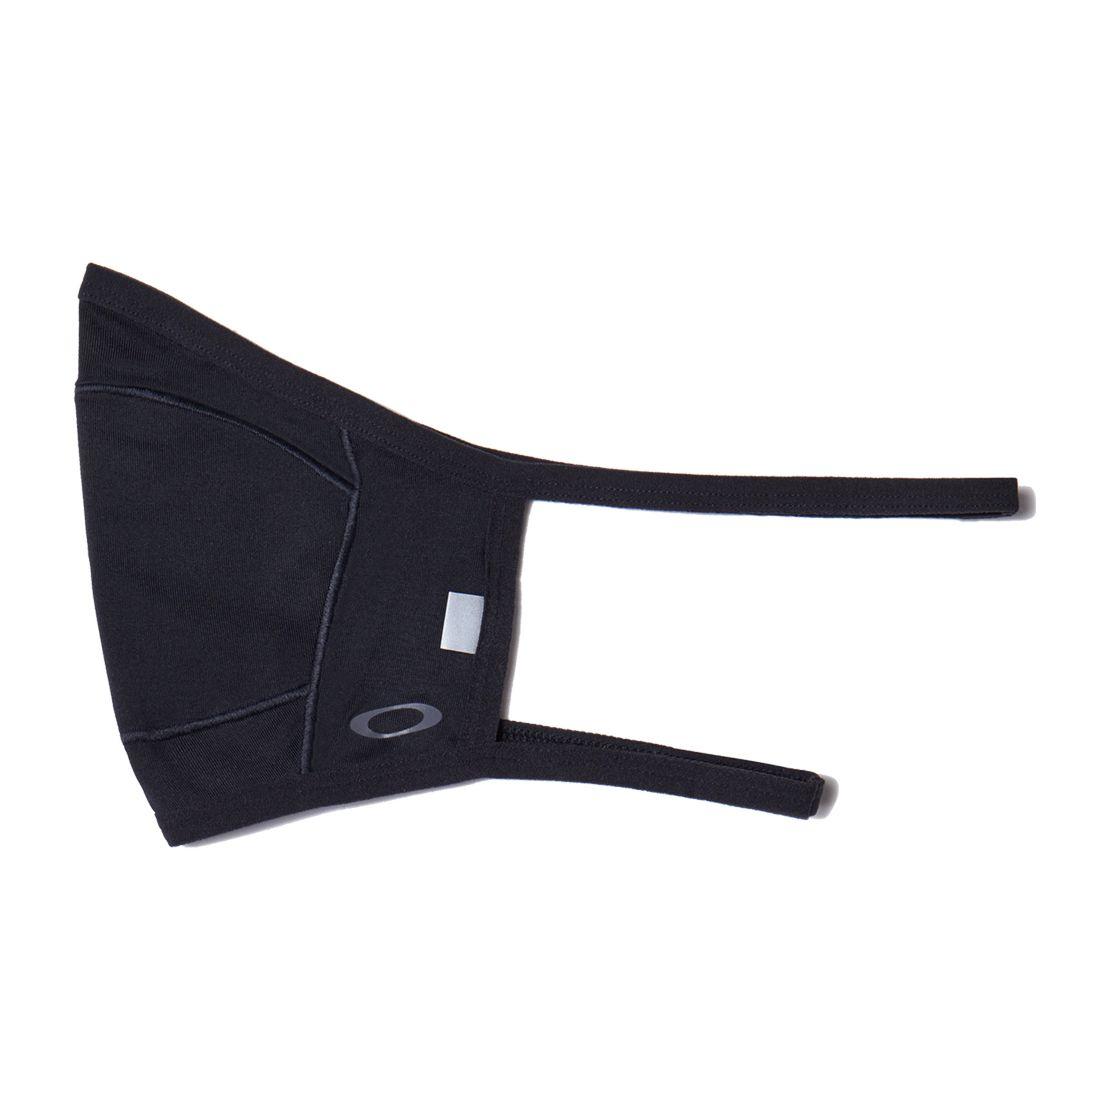 Oakley Maszk Fitted Lite - L/XL - Blackout